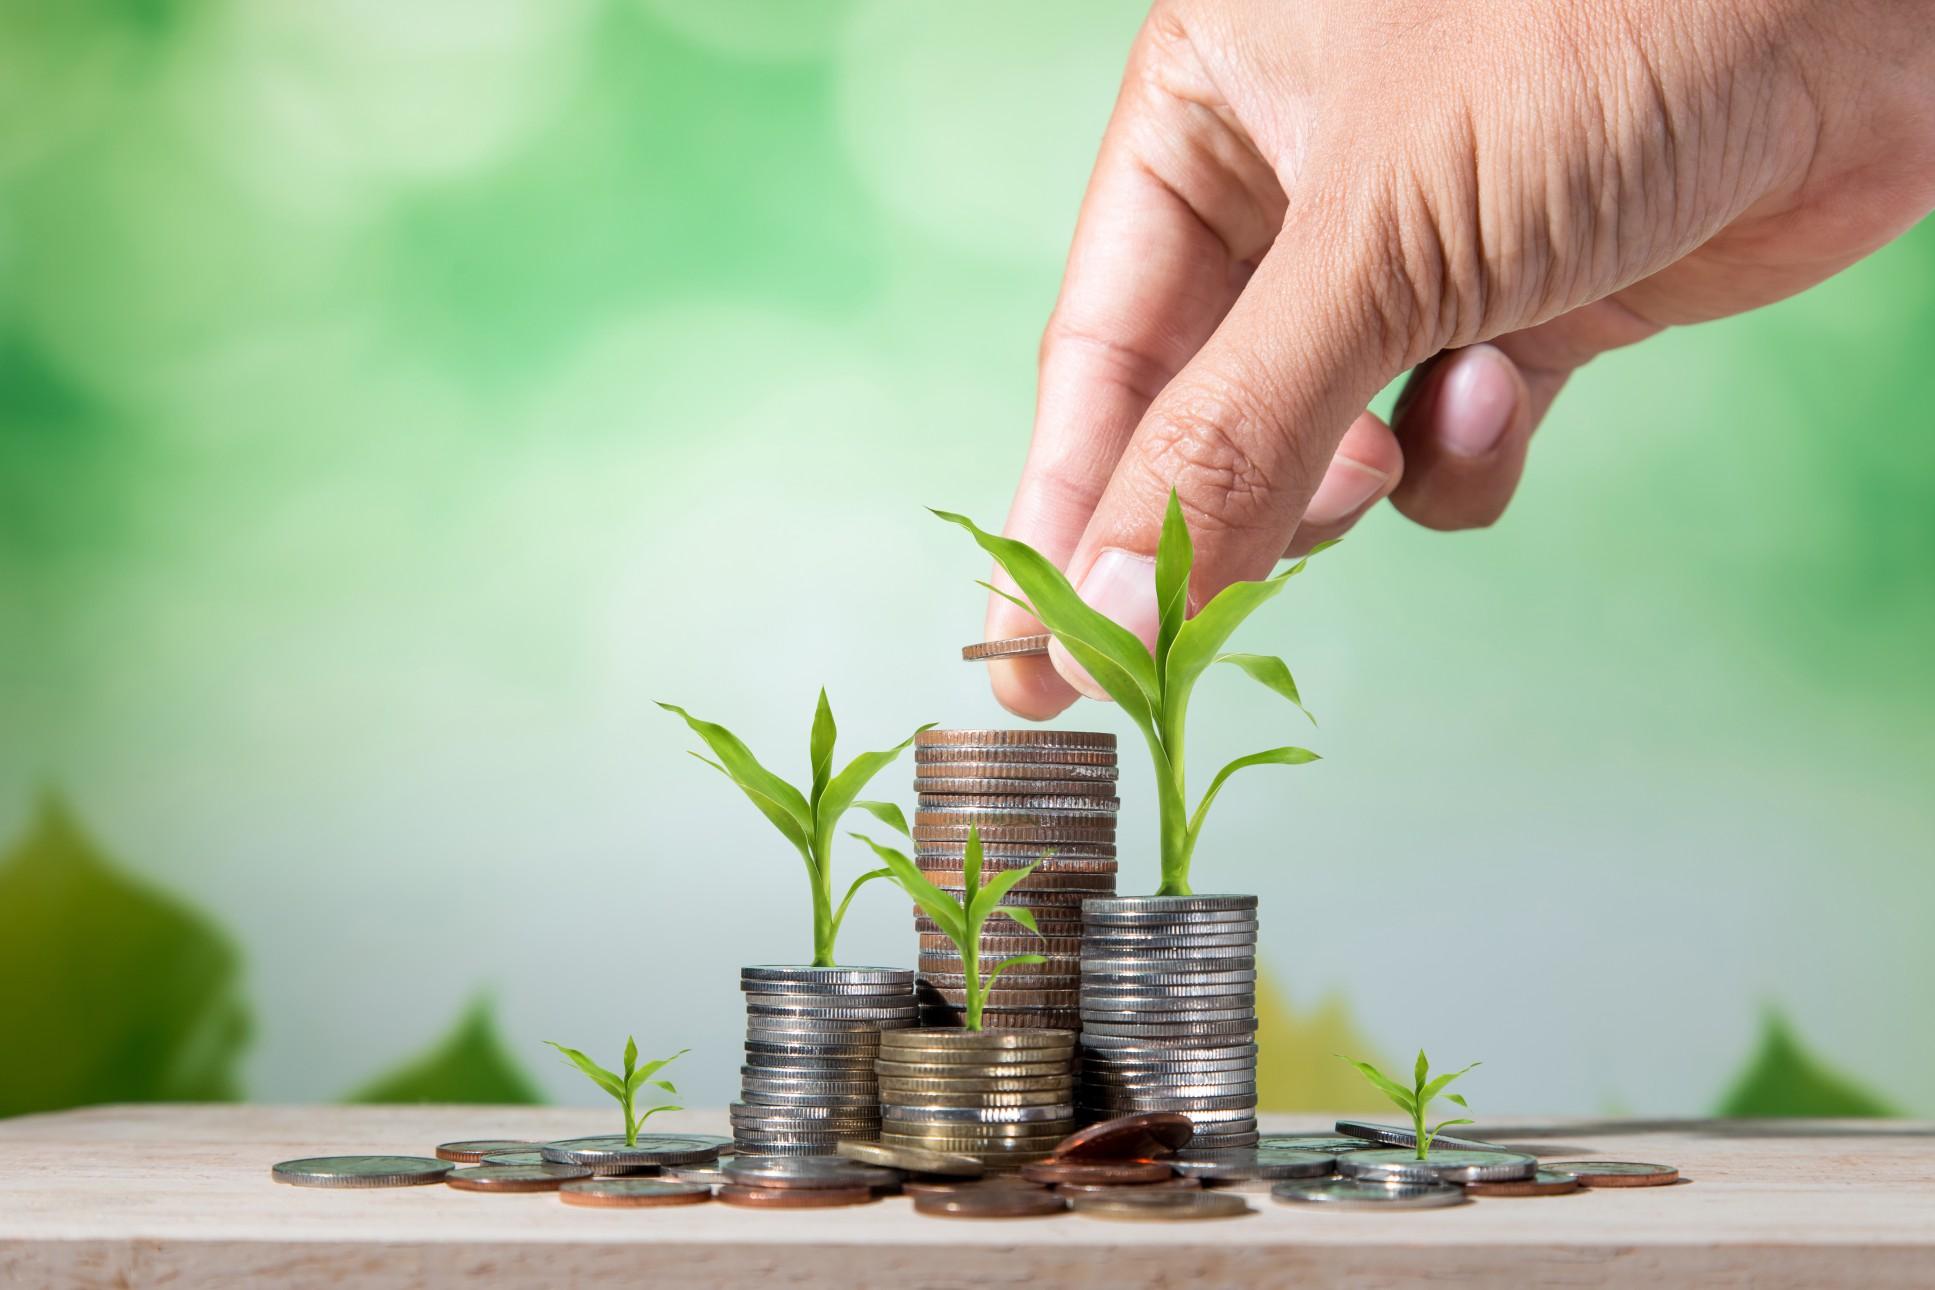 Frågor att ställa sig inför en crowdfunding-kampanj